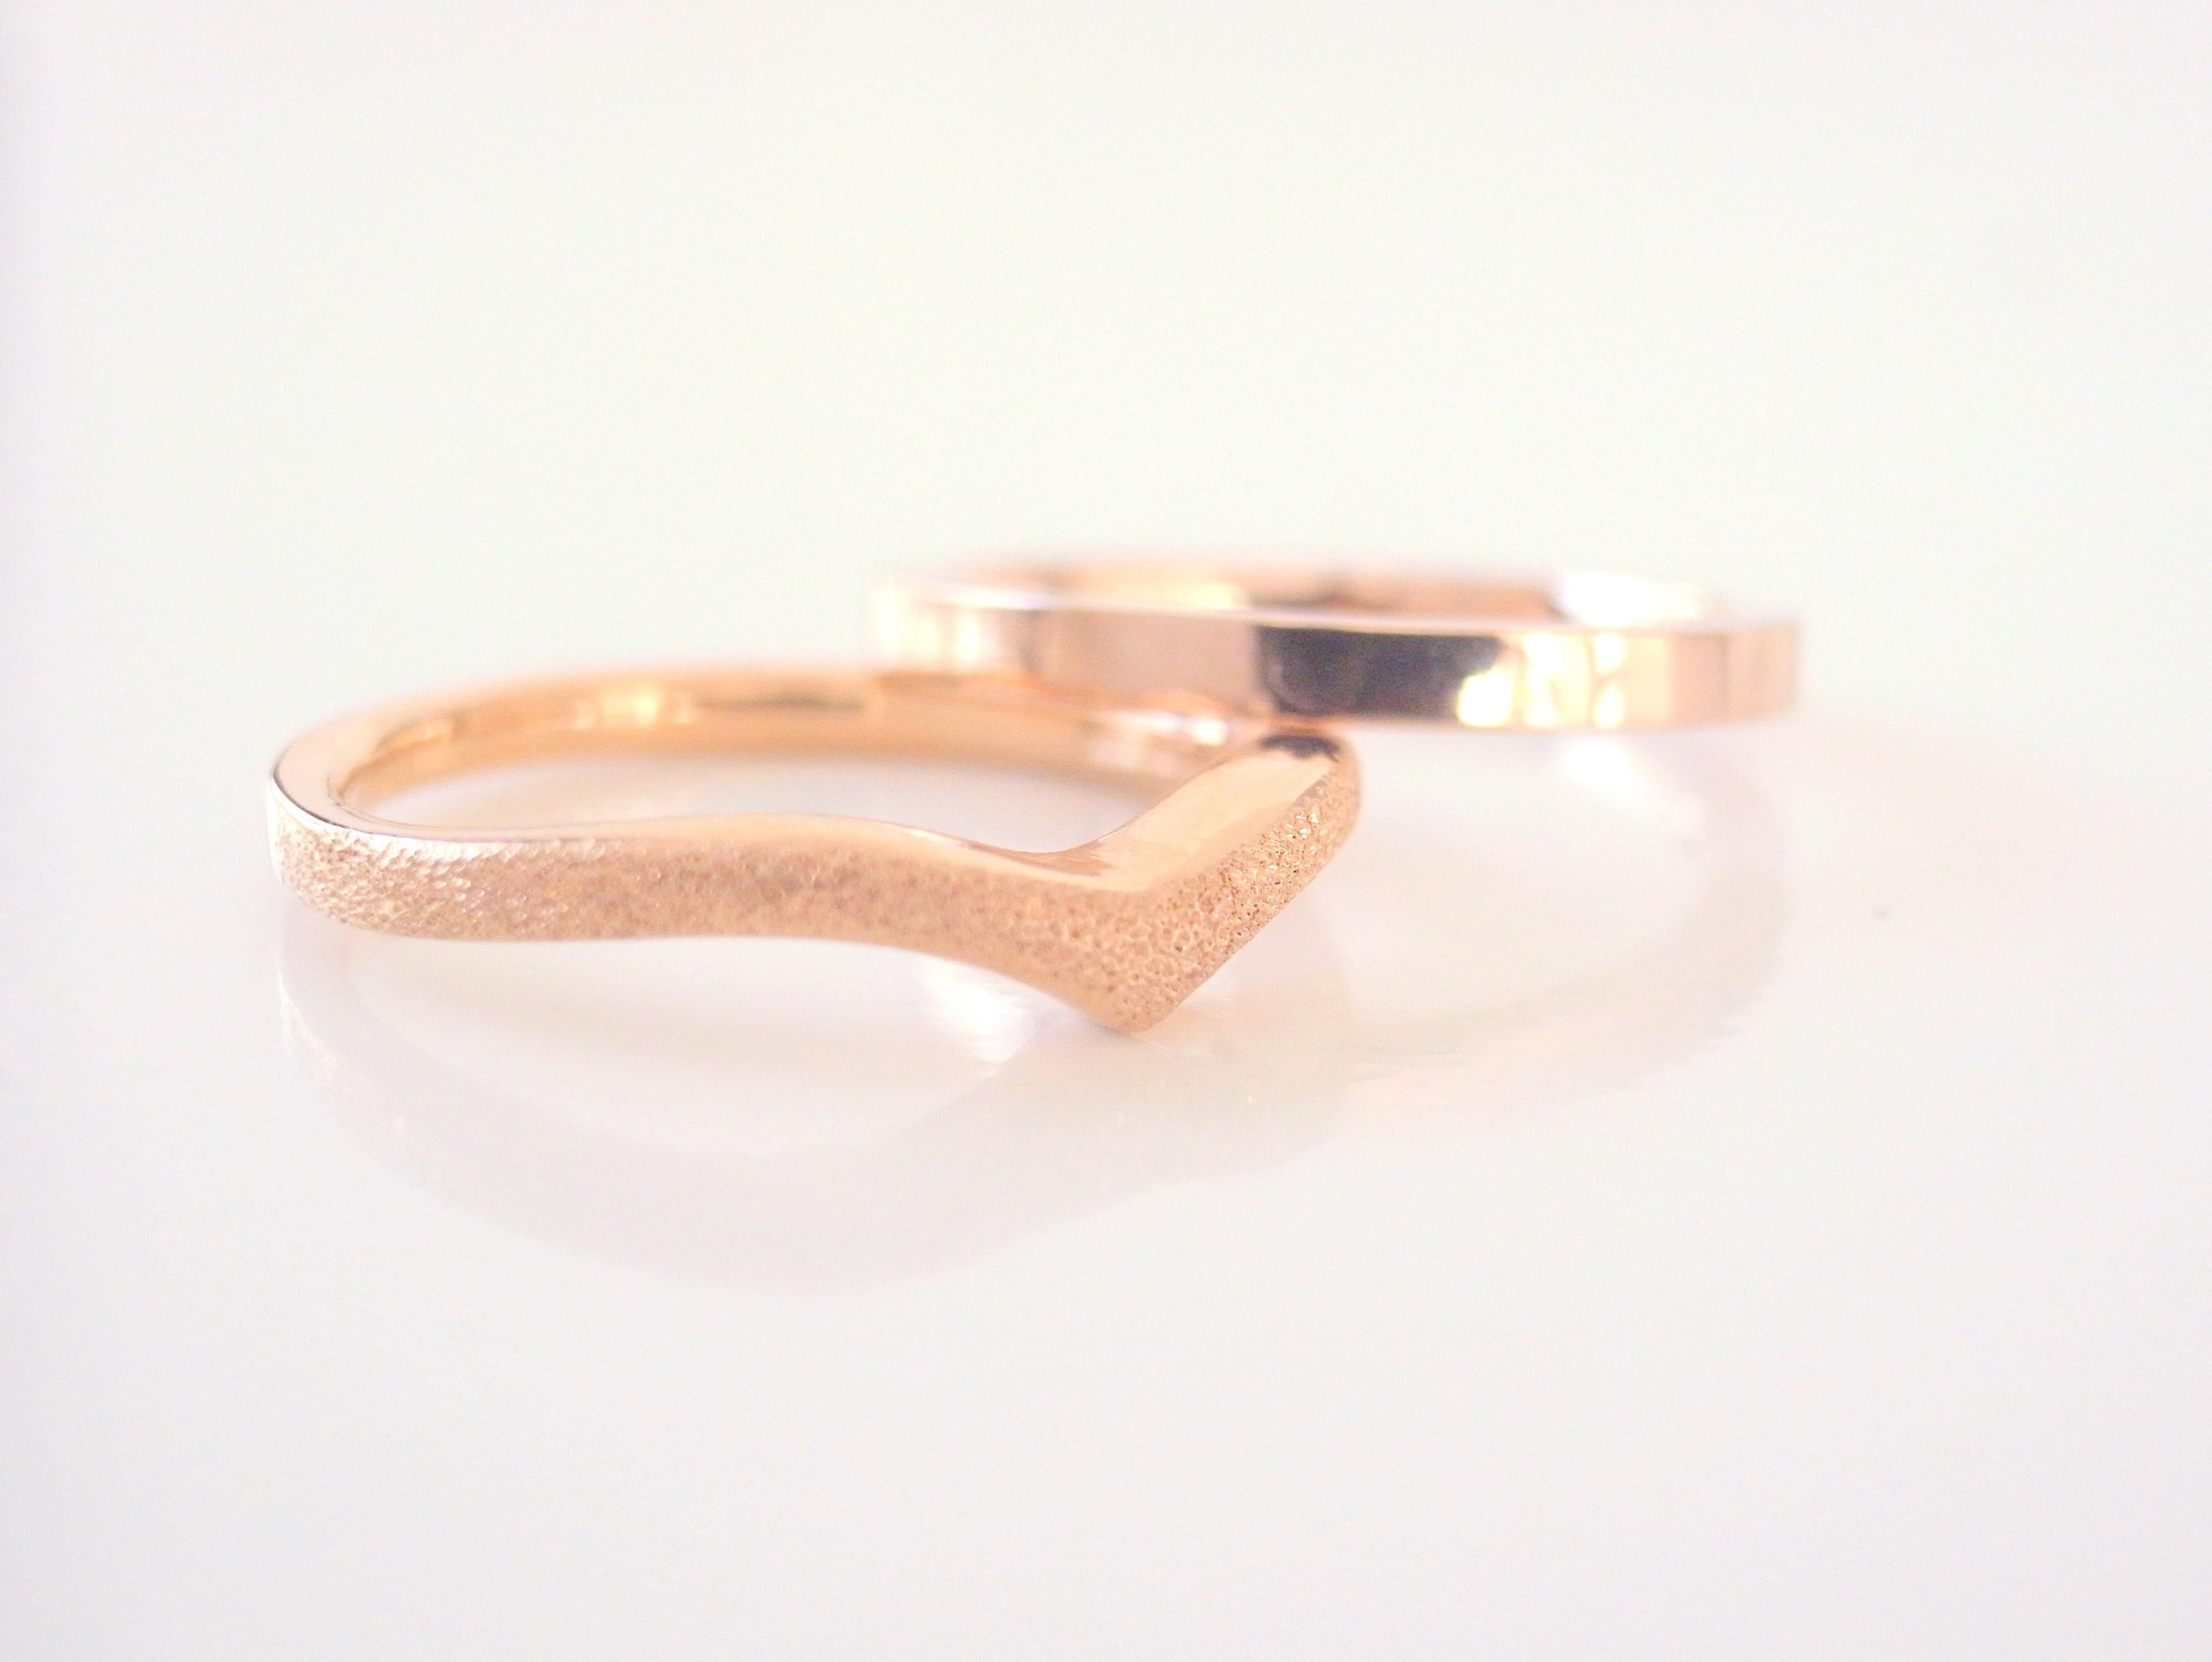 結婚指輪・婚約指輪のピンクゴールド